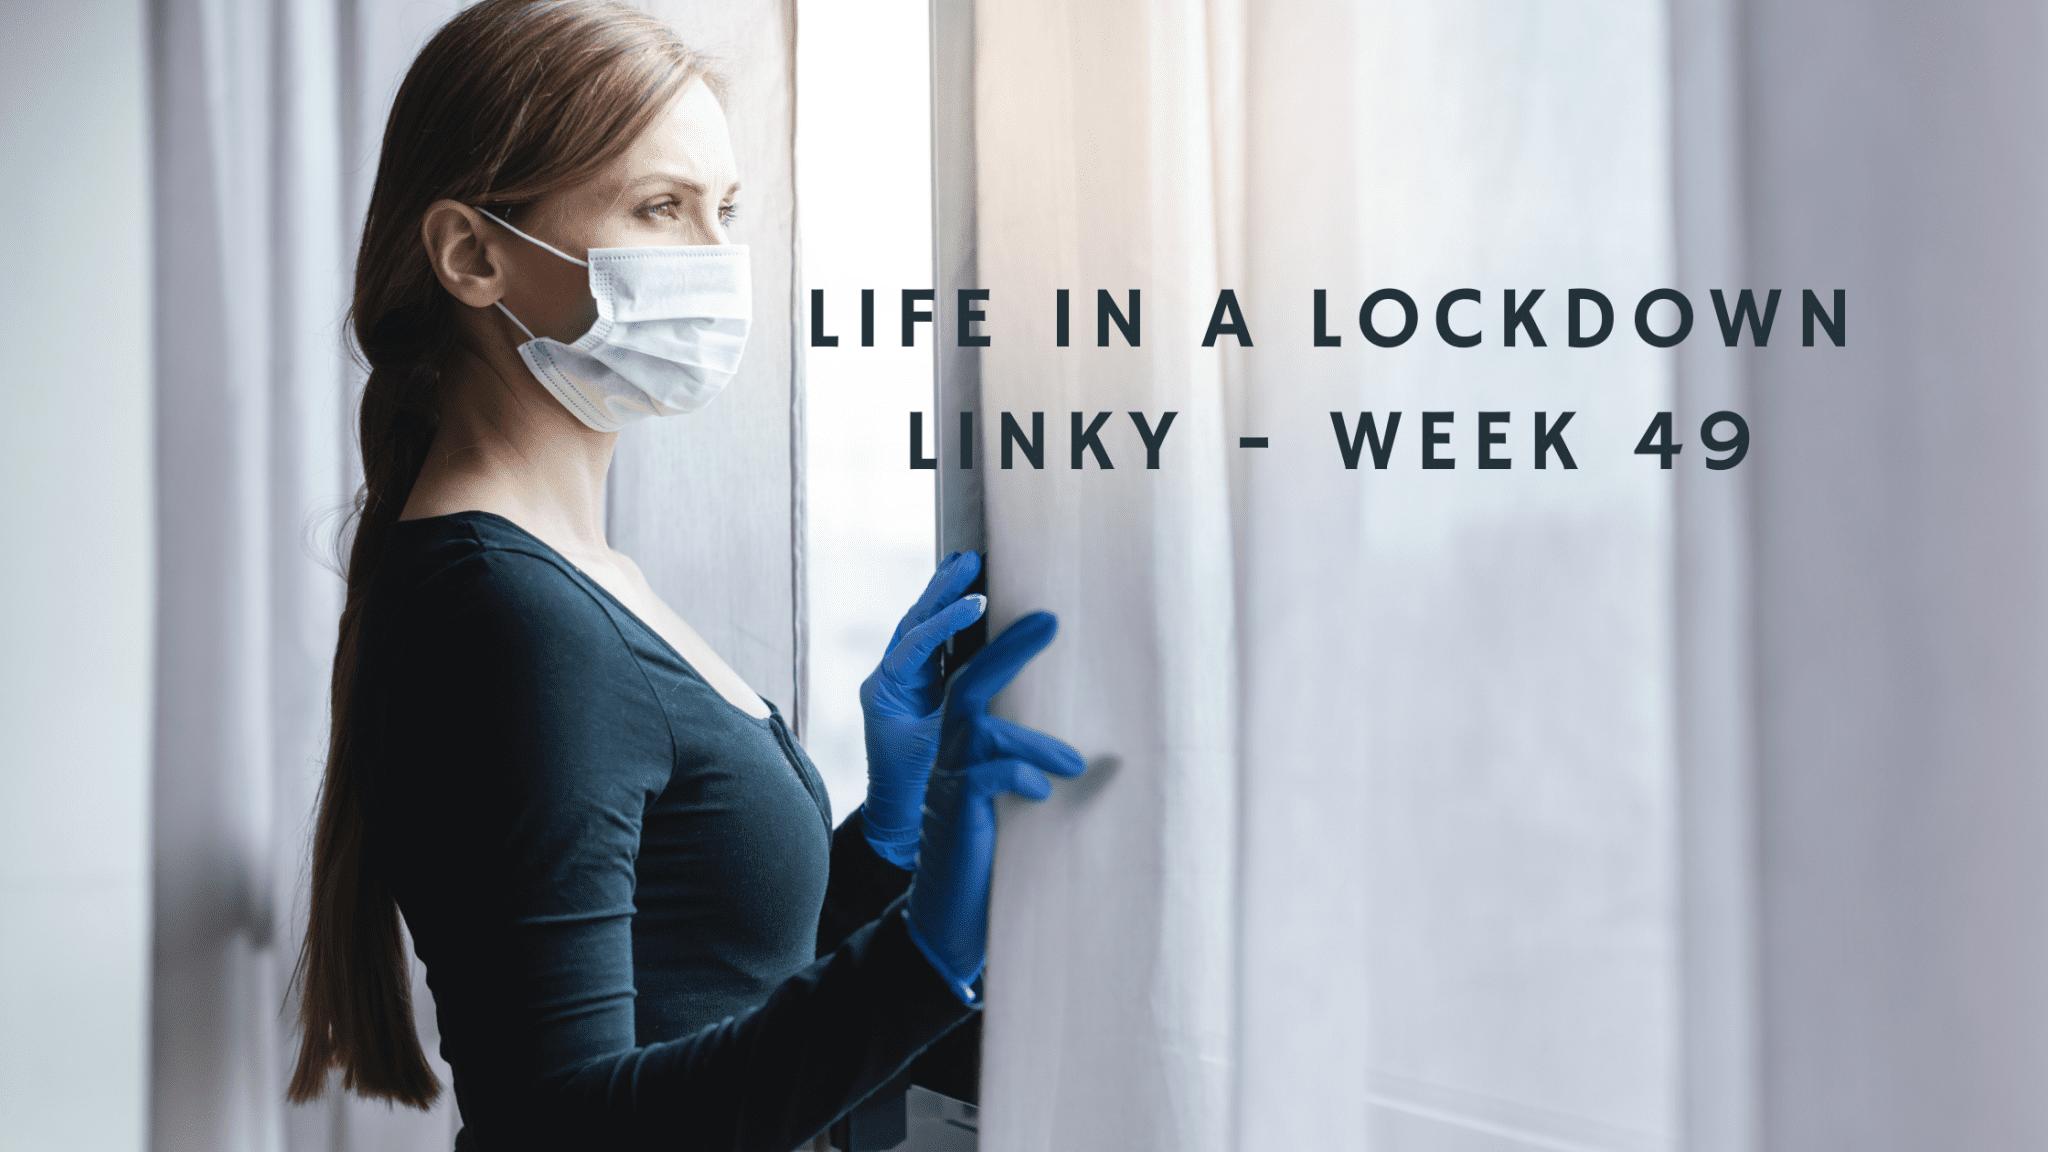 Life In A Lockdown Linky - Week 49